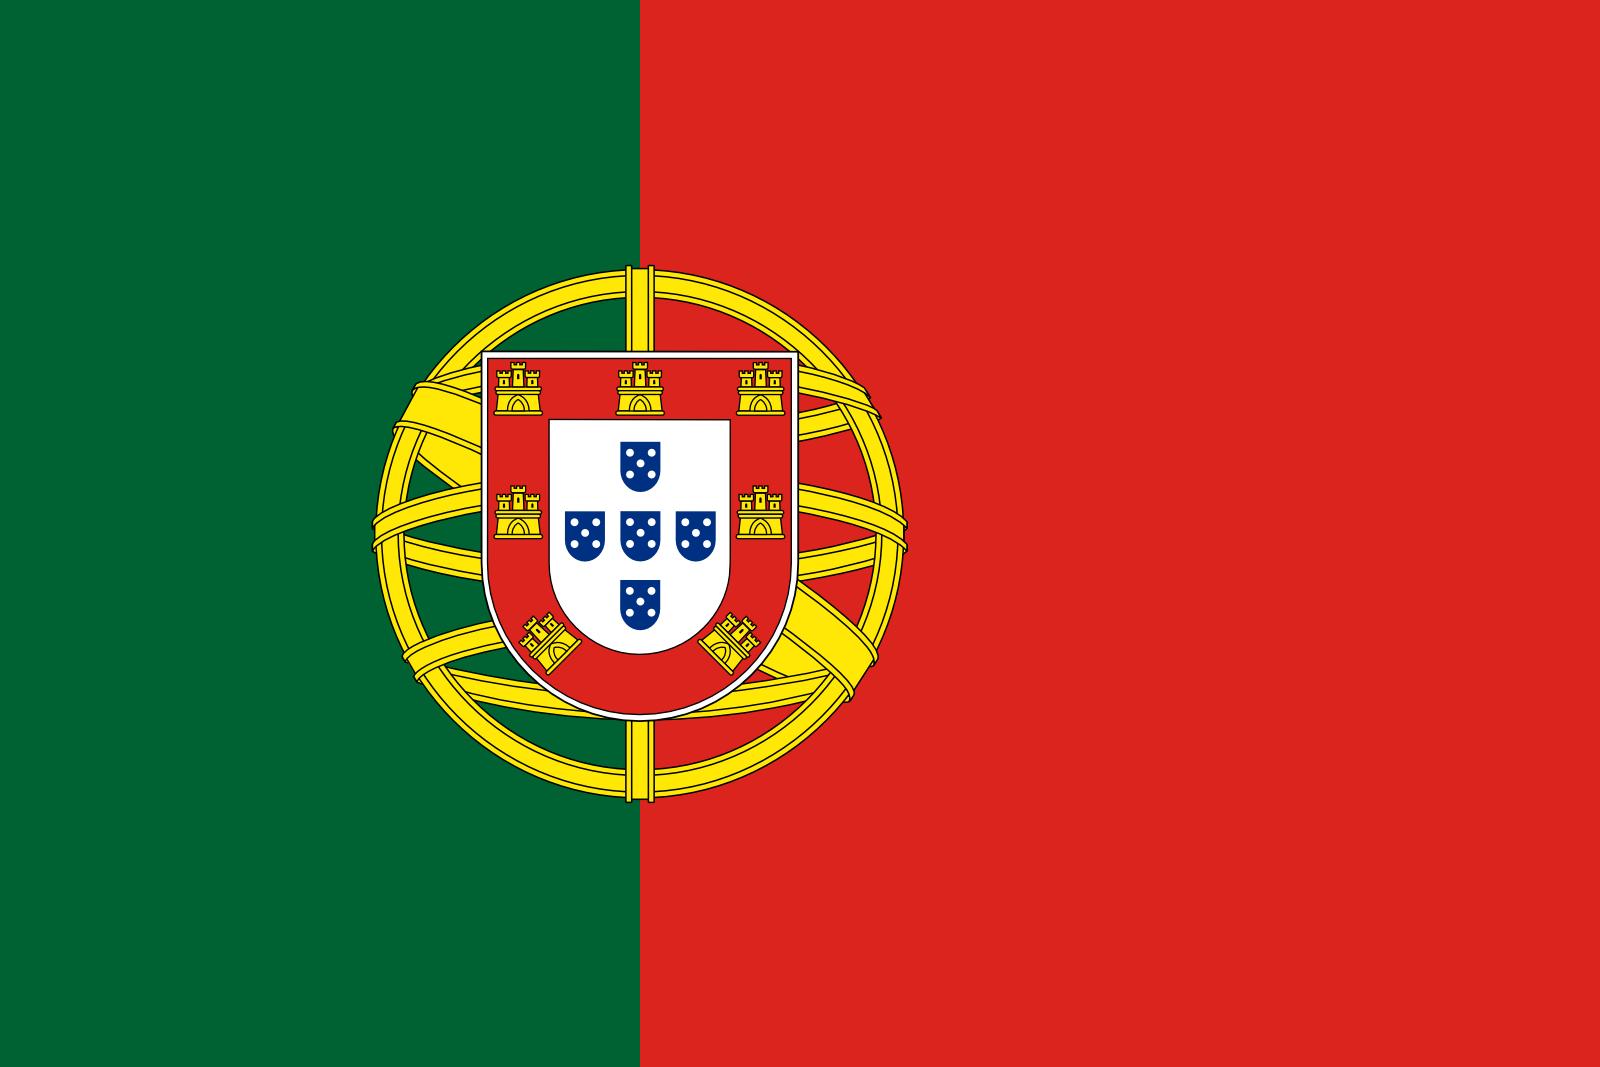 Banderas HD de todos los paises   Banderas, Banderas de europa y De ...